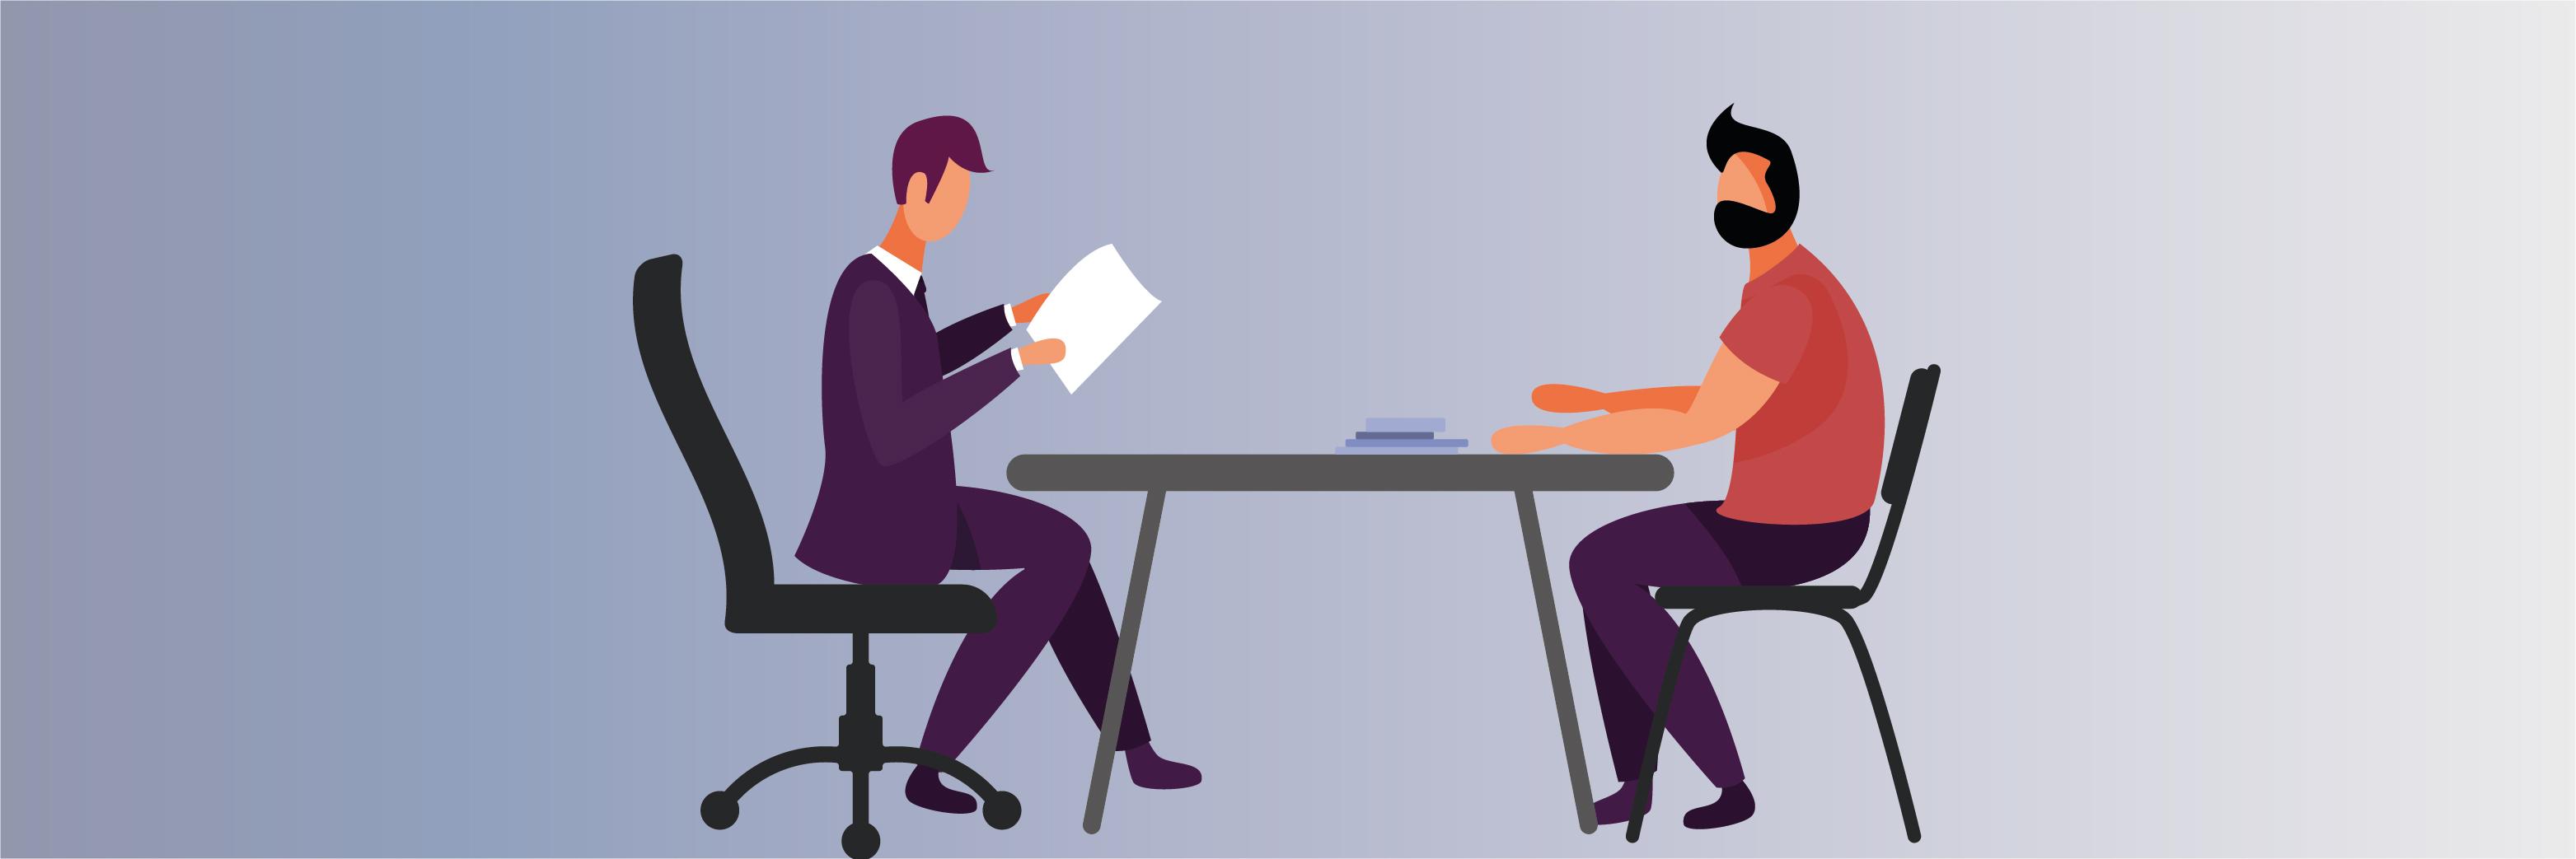 كيف تتفاوض على الإيجار لموقع مشروعك؟